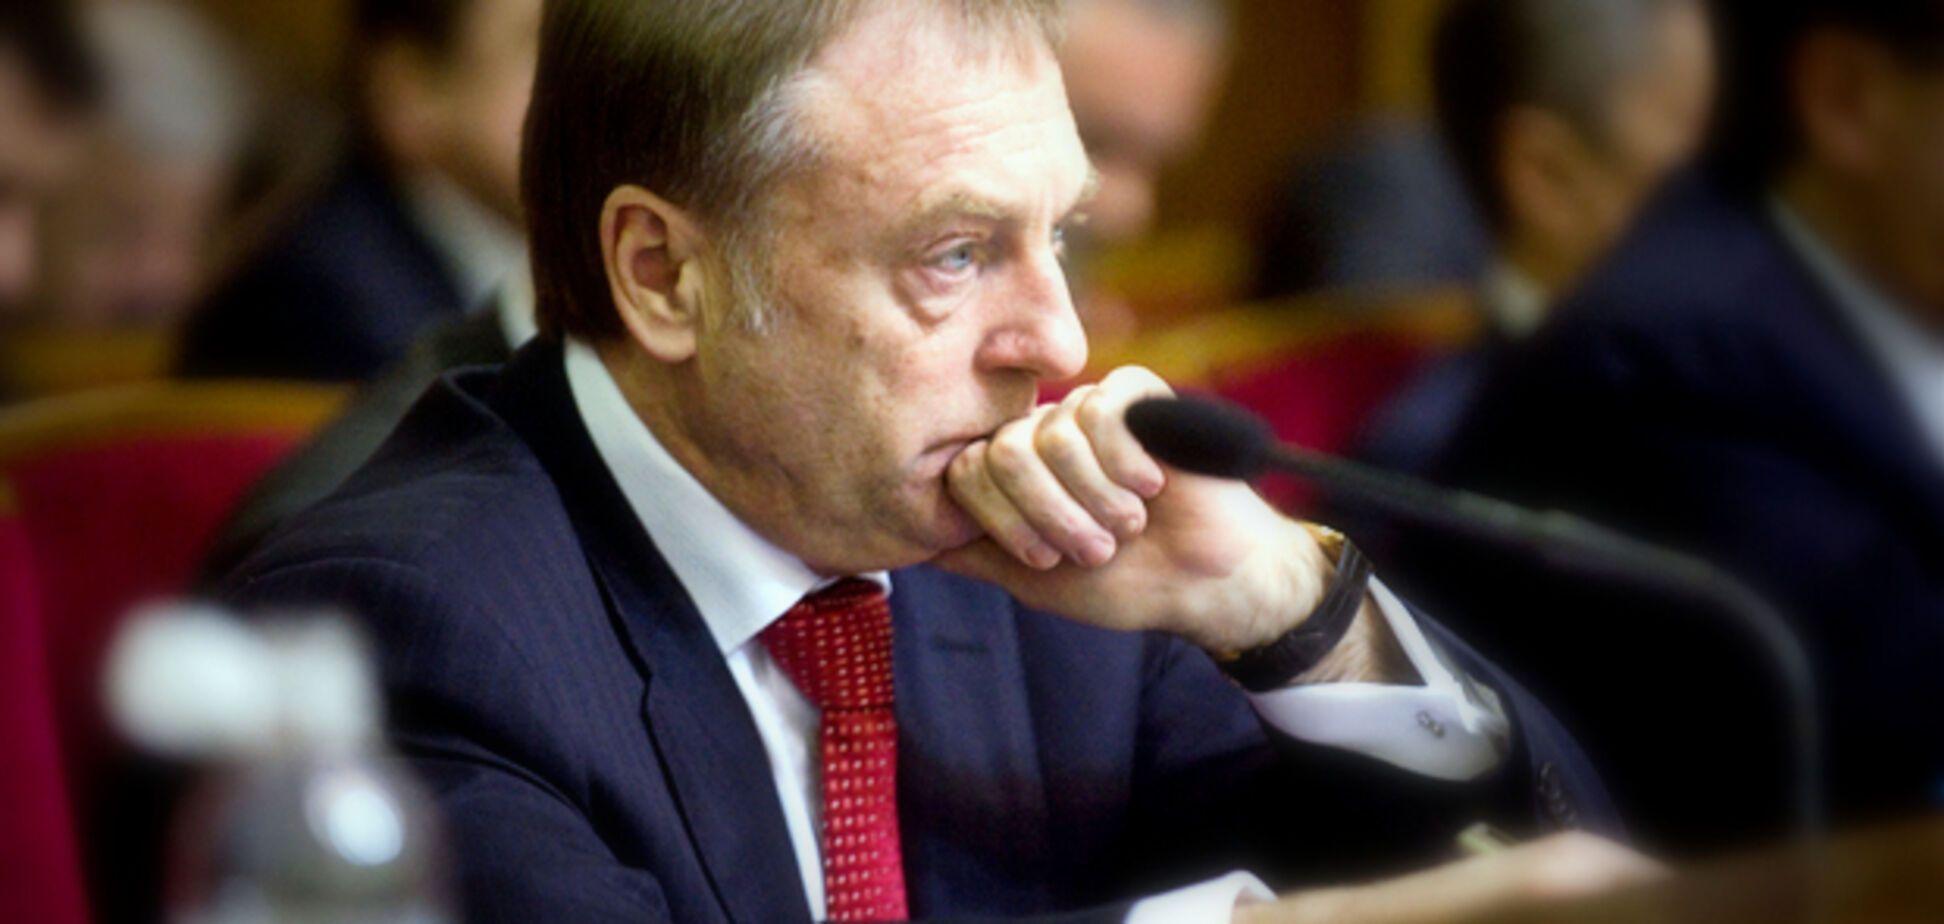 'Защитим и поддержим': 'Оппозиционный блок' сделал заявление по Лавриновичу